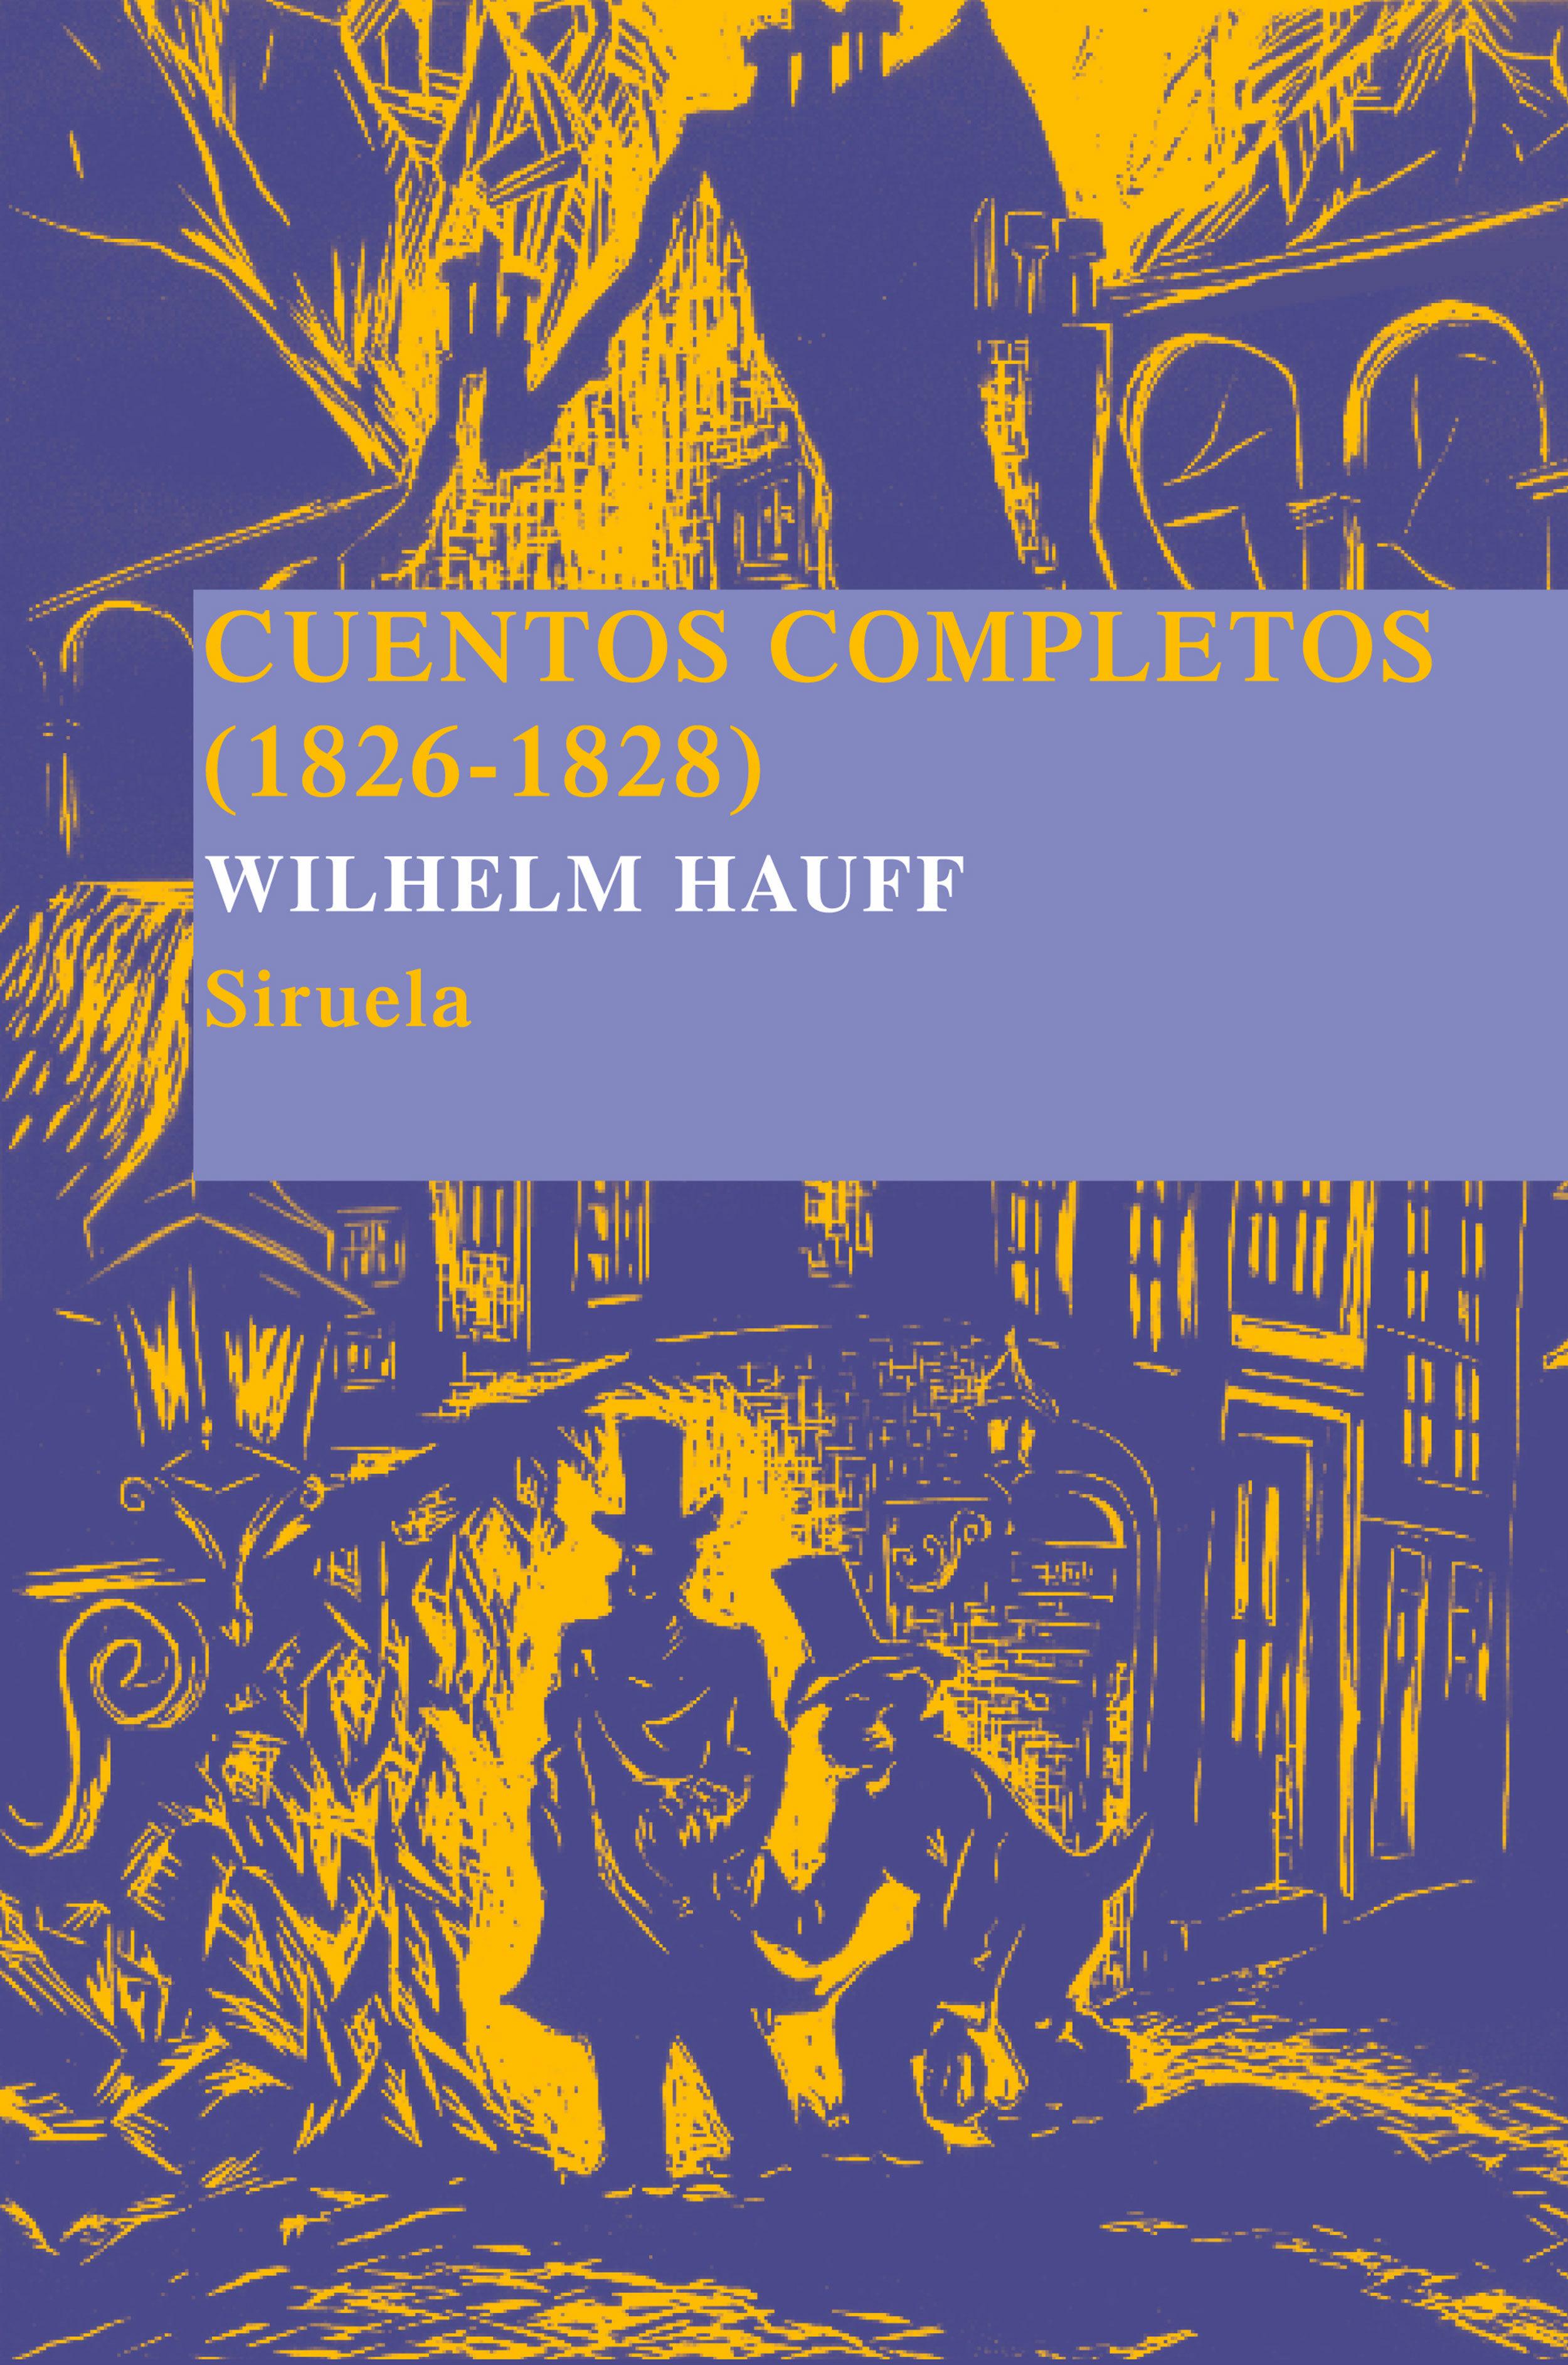 Cuentos Completos (1826-1828) por Wilhelm Hauff